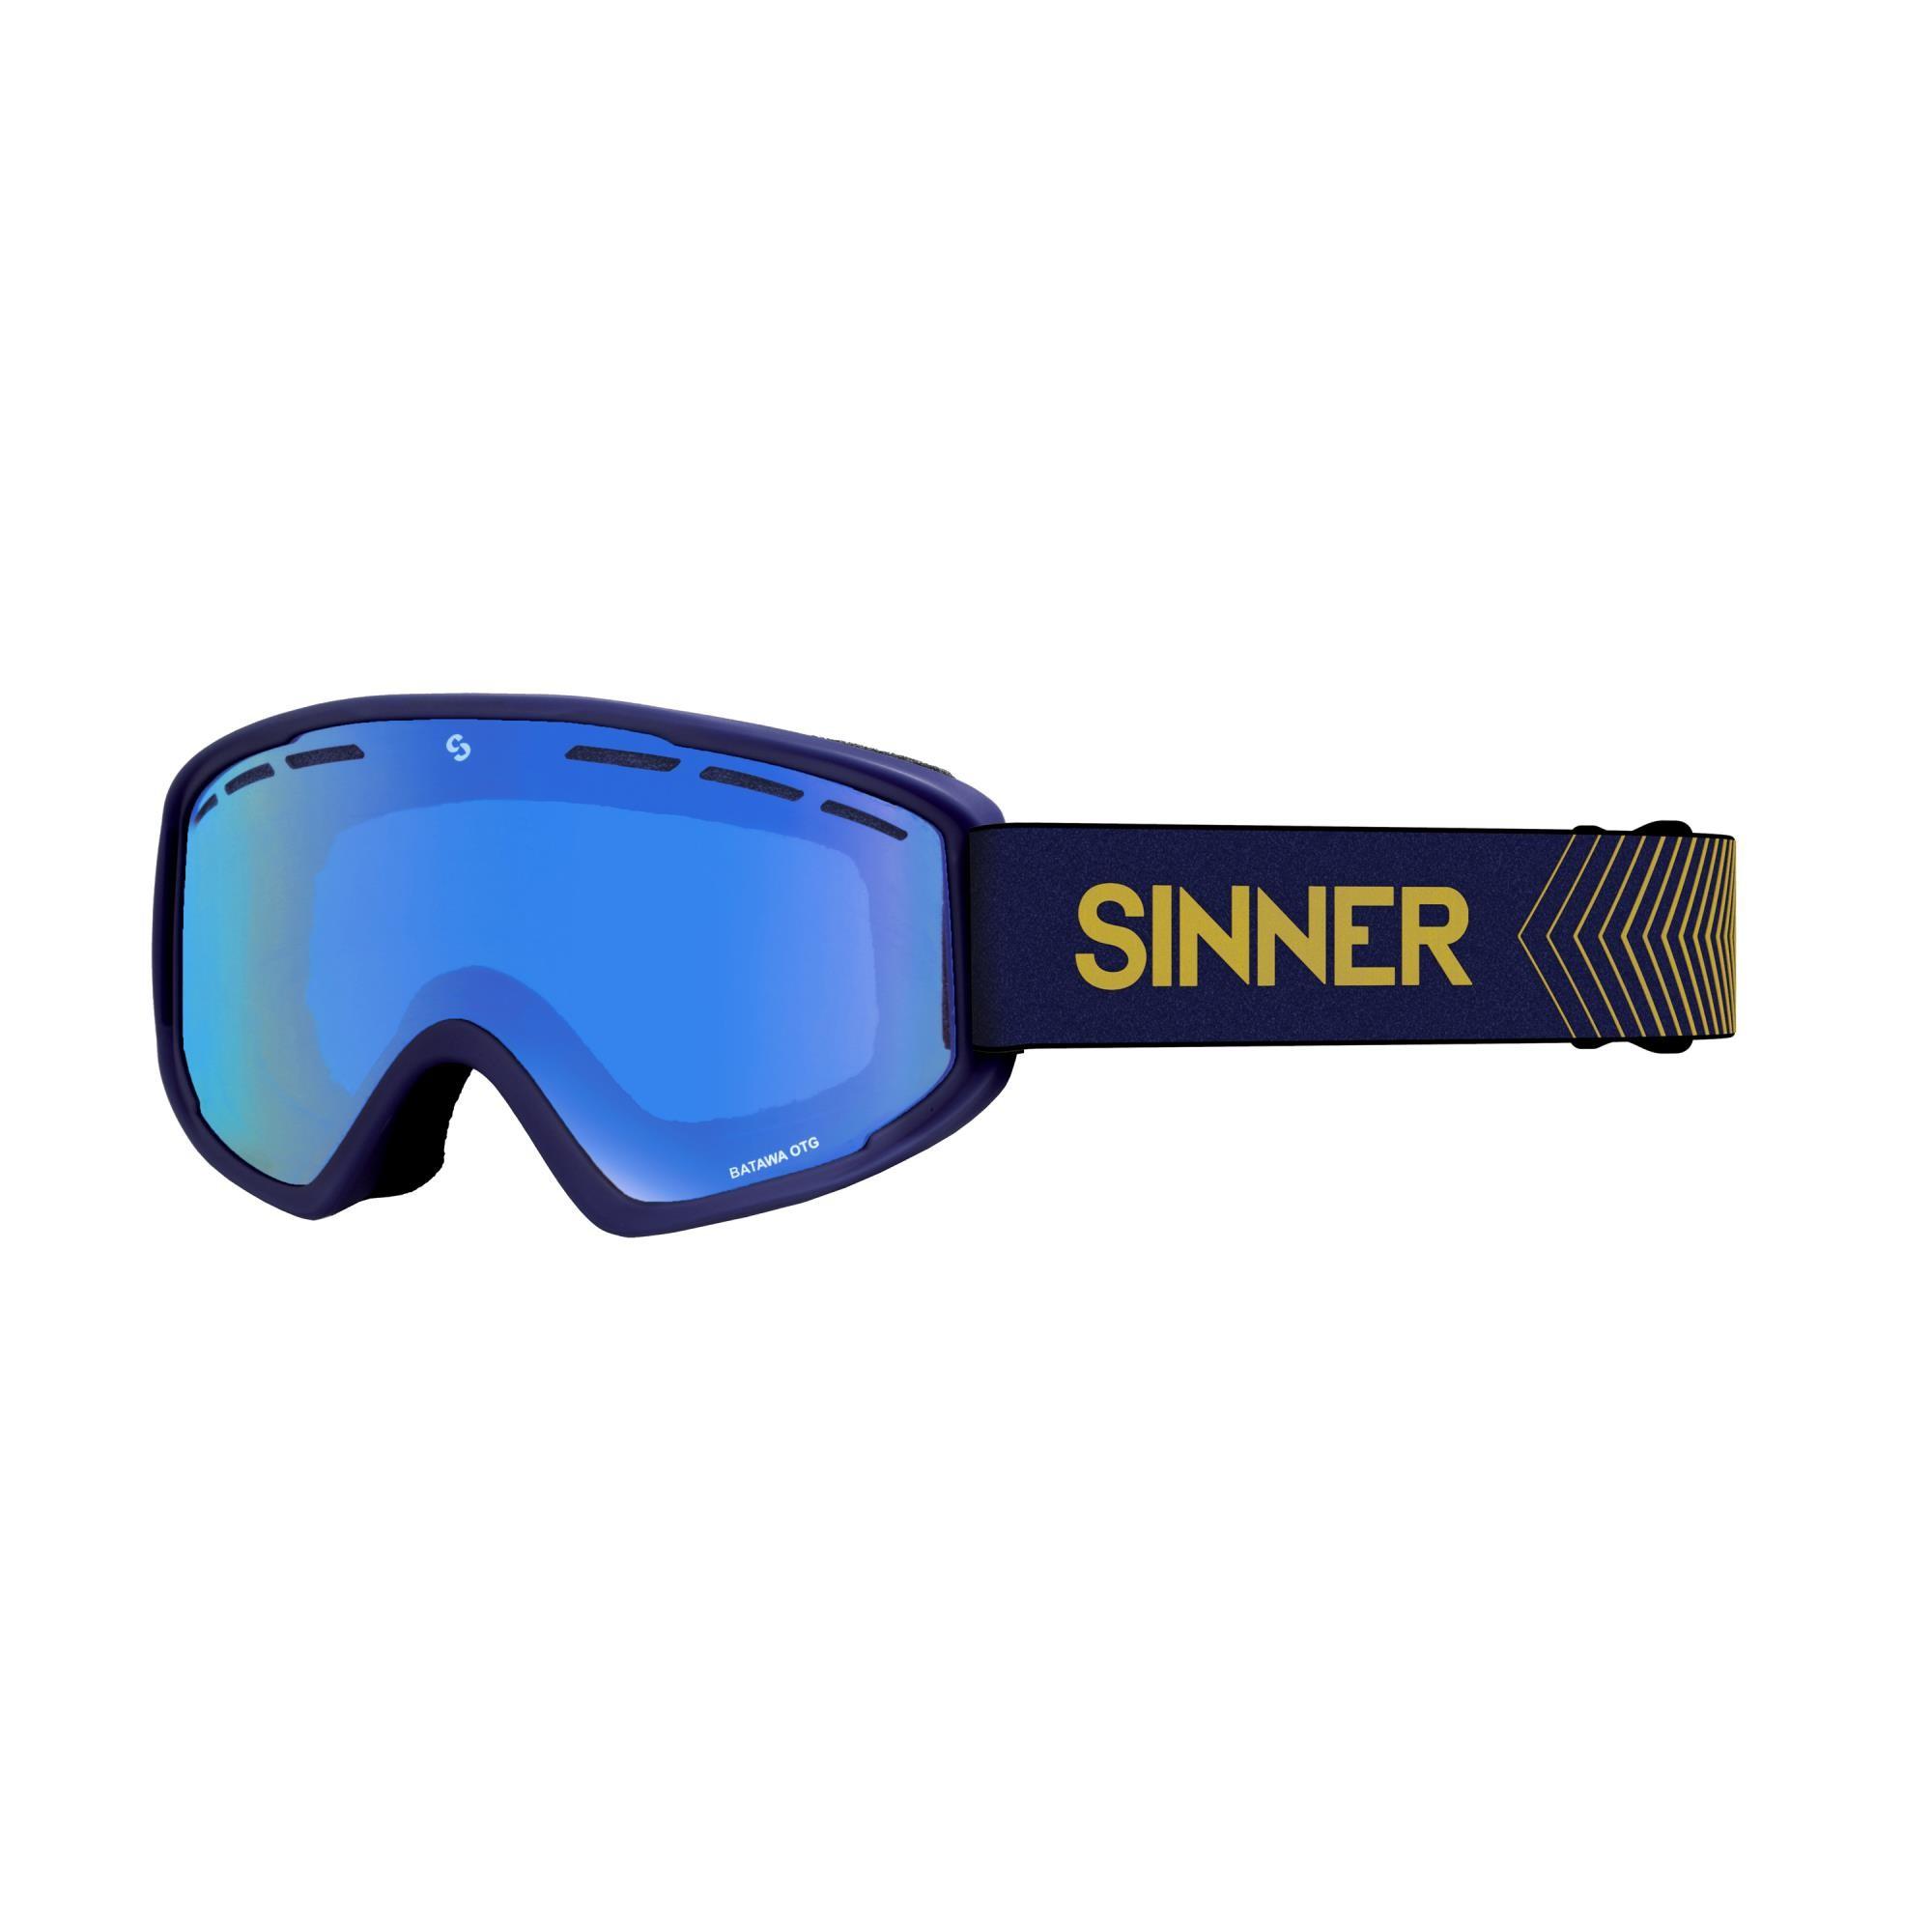 Sinner Batawa Skibril Otg - Blauw Frame - Volledig Blauwe Spiegellens